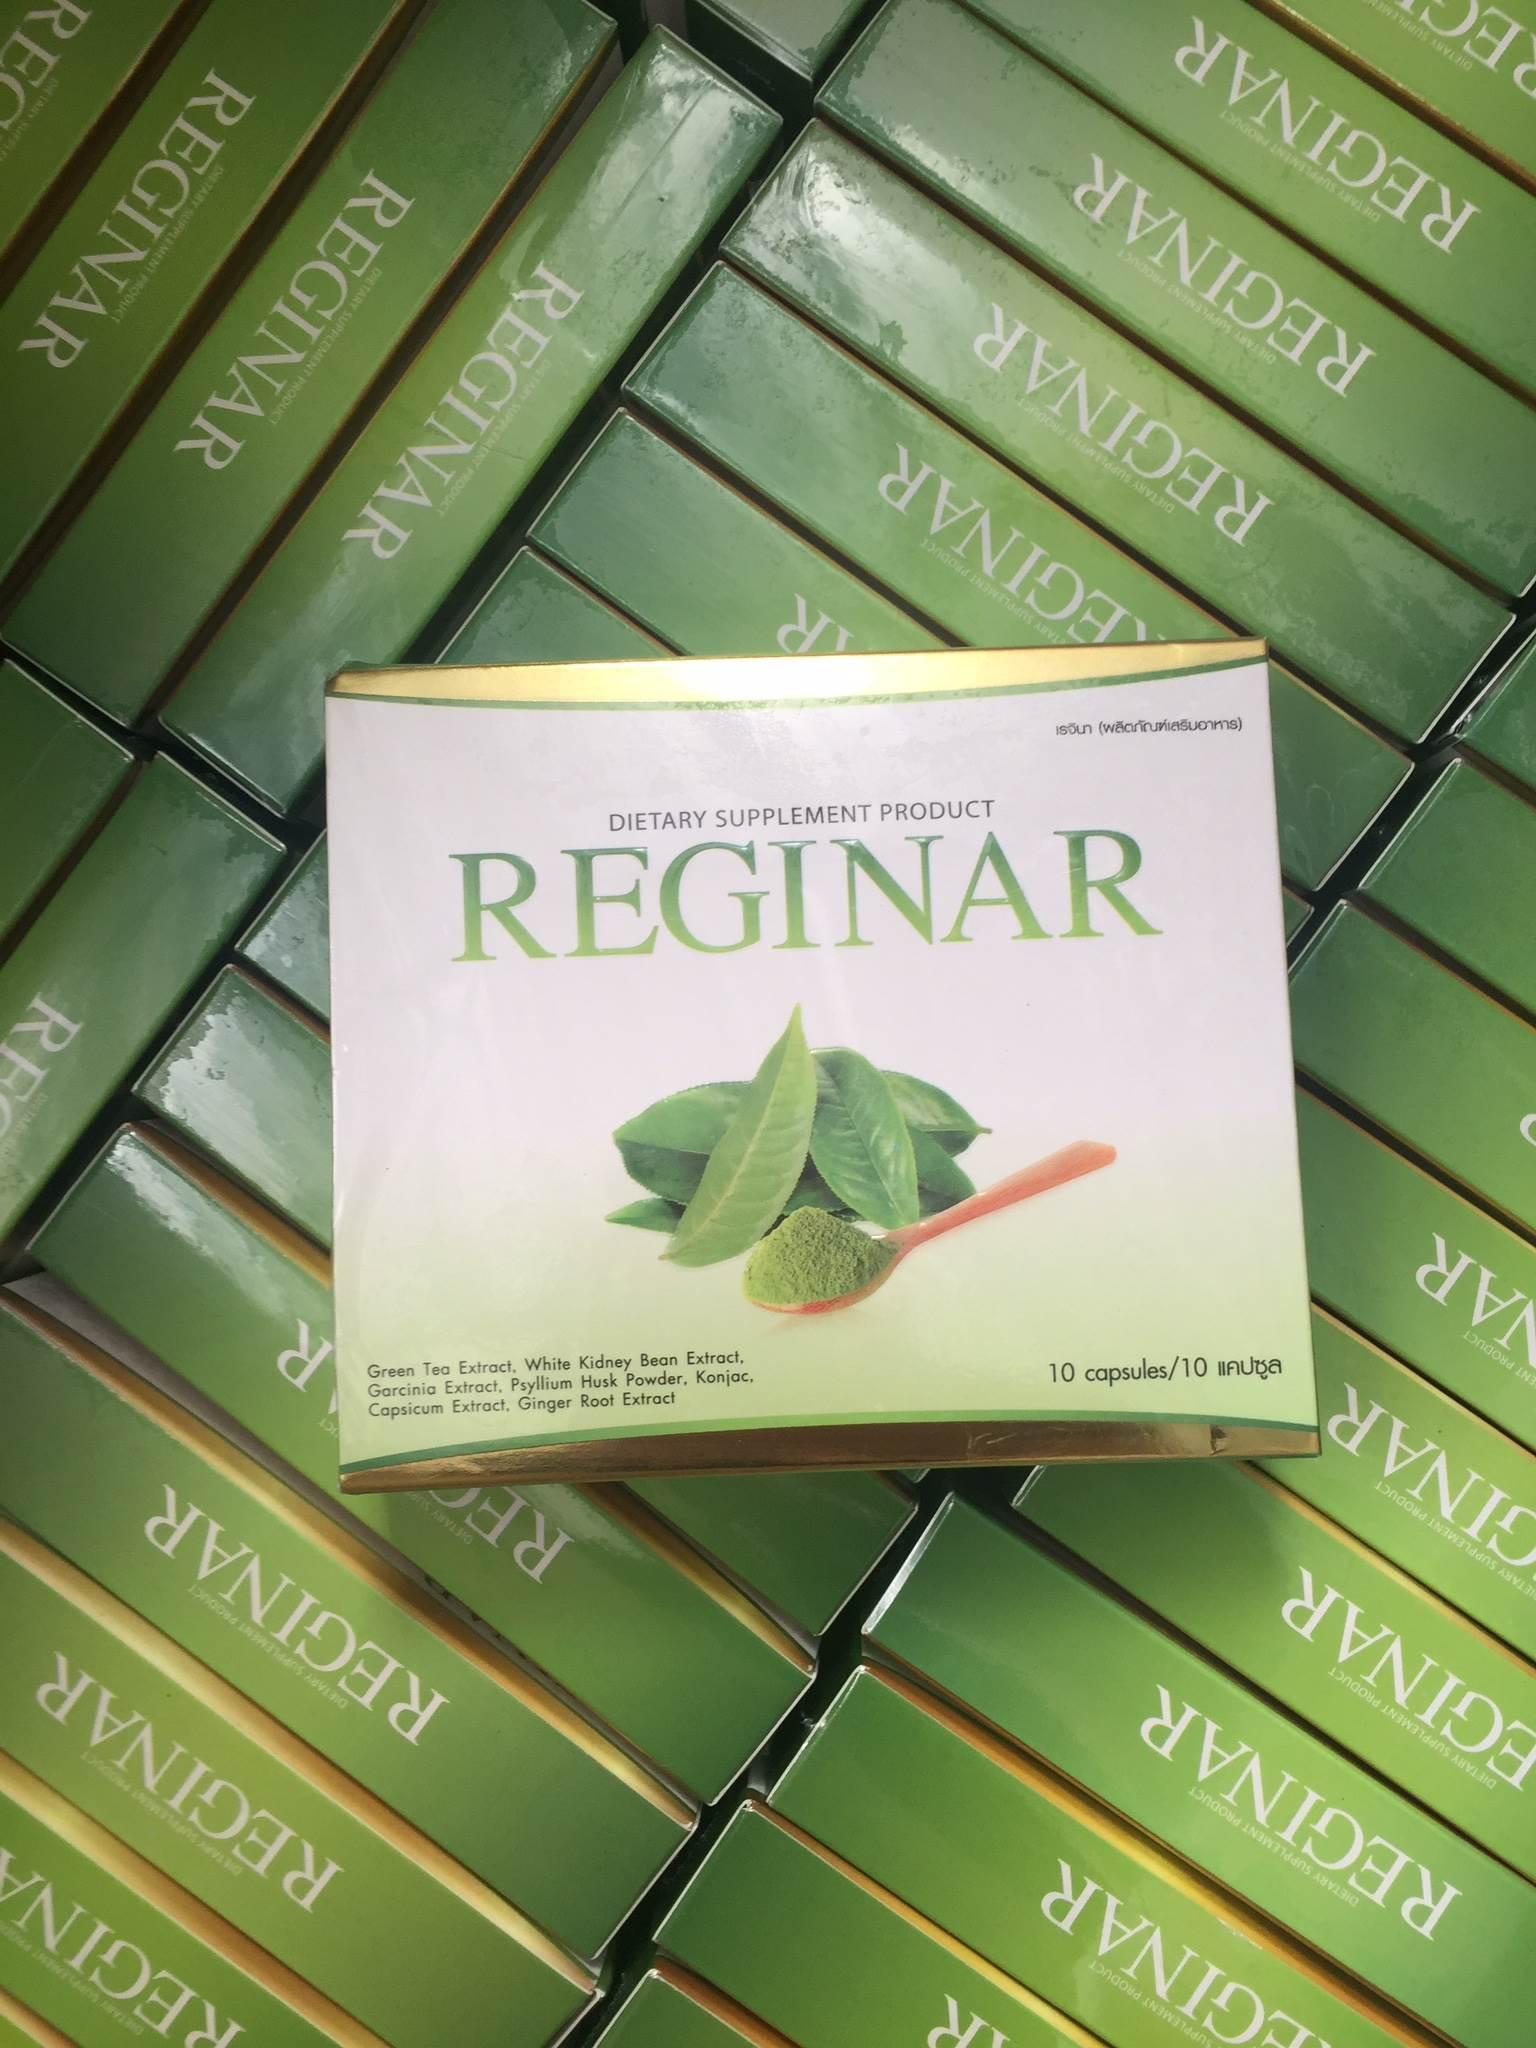 REGINAR กล่องใหม่ สำหรับคนดื้อยาลดยากน้ำหนักเยอะ